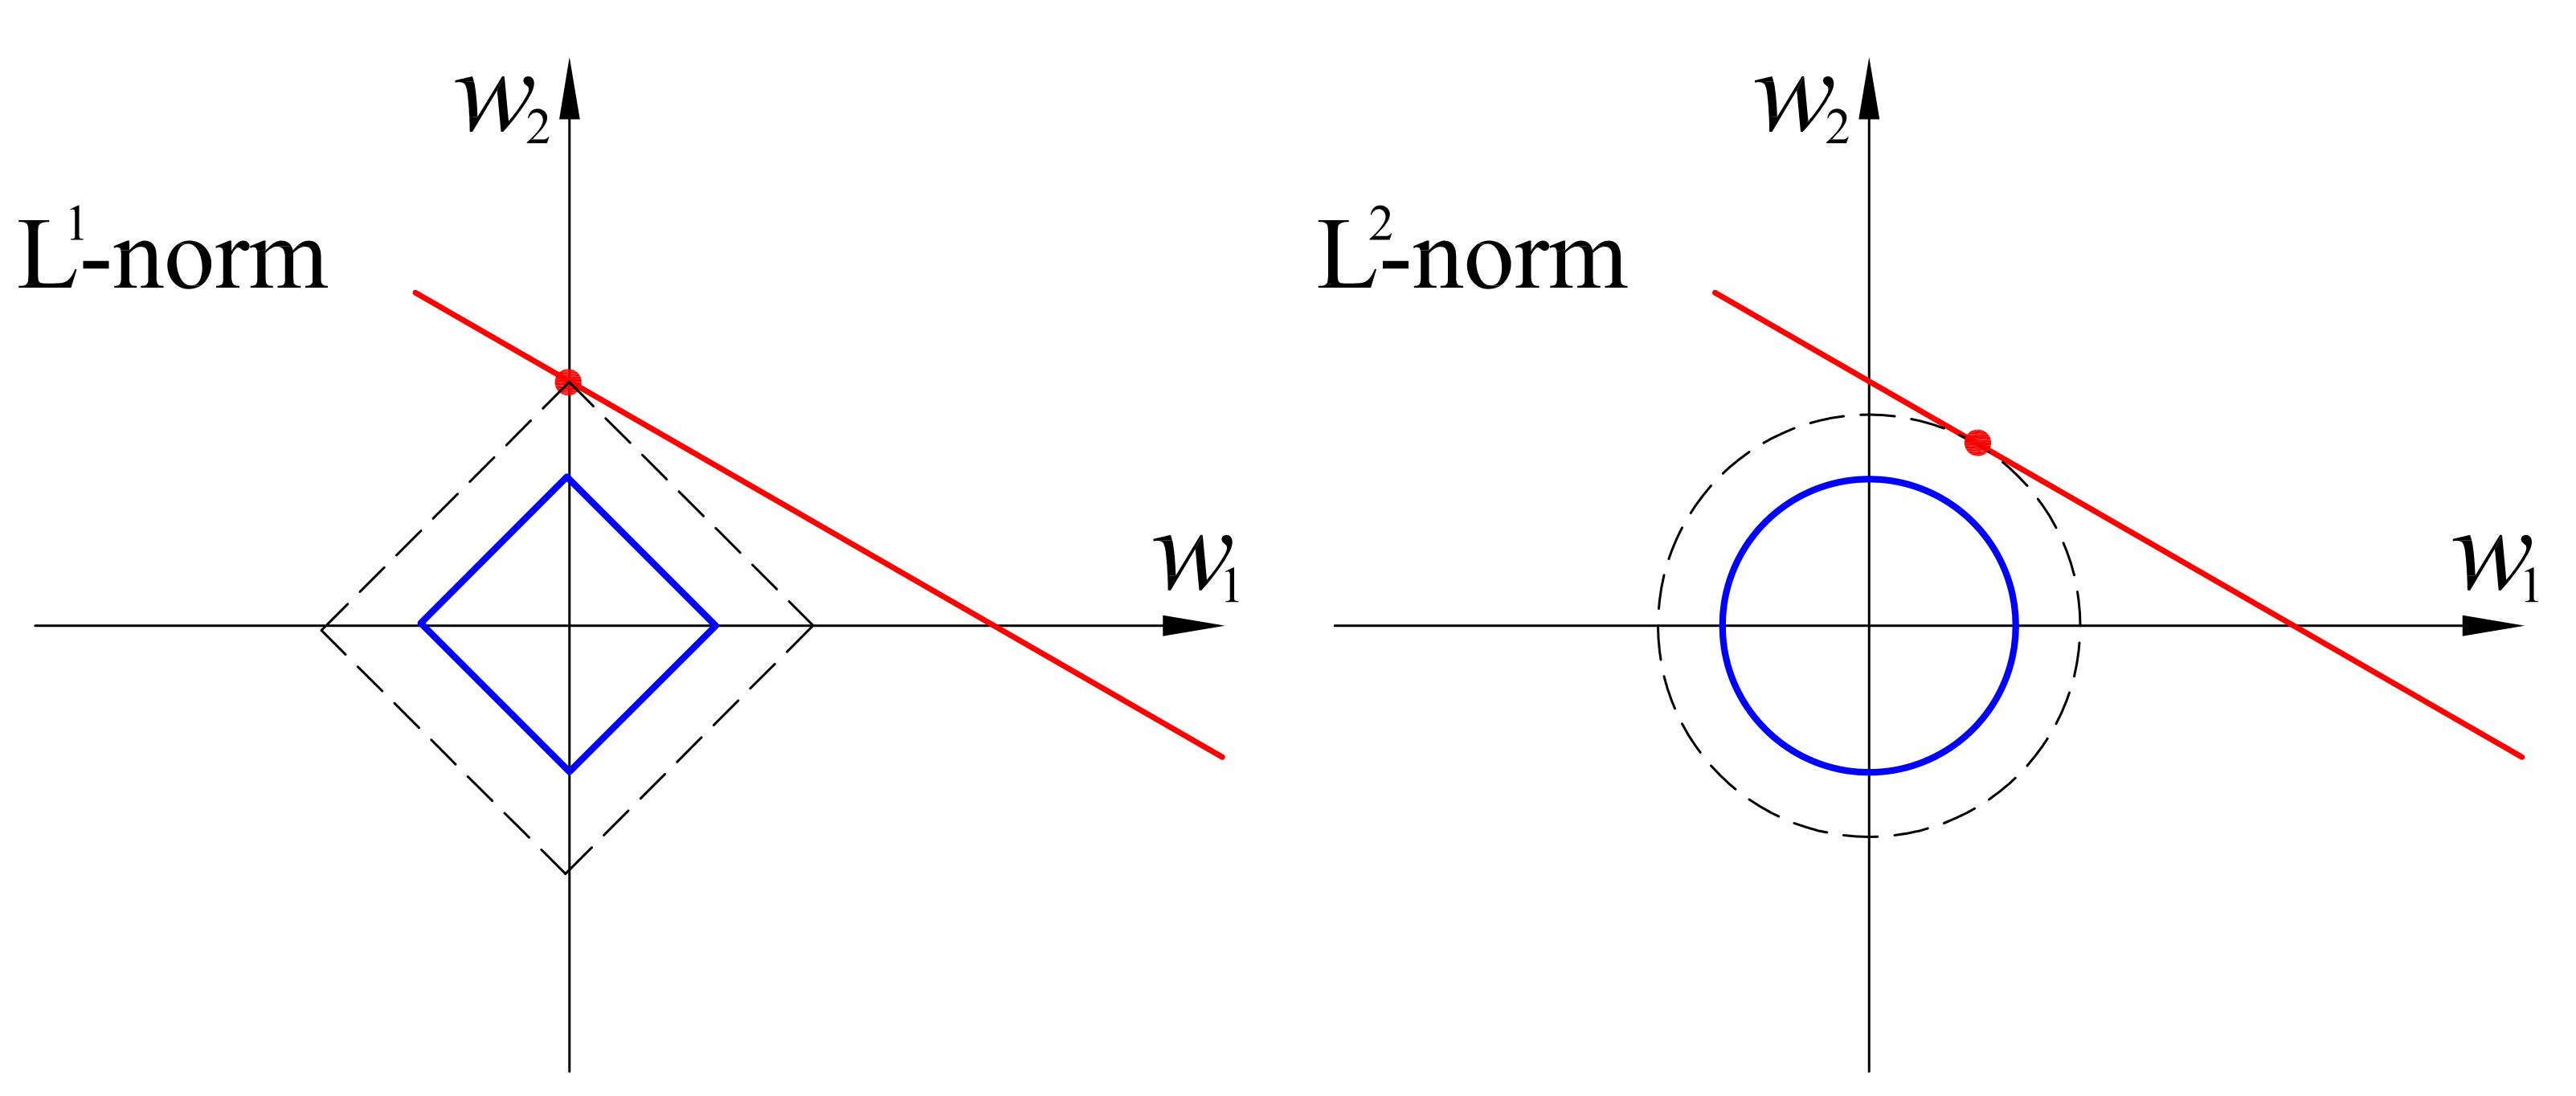 File:L1 and L2 balls.jpg - Wikipedia